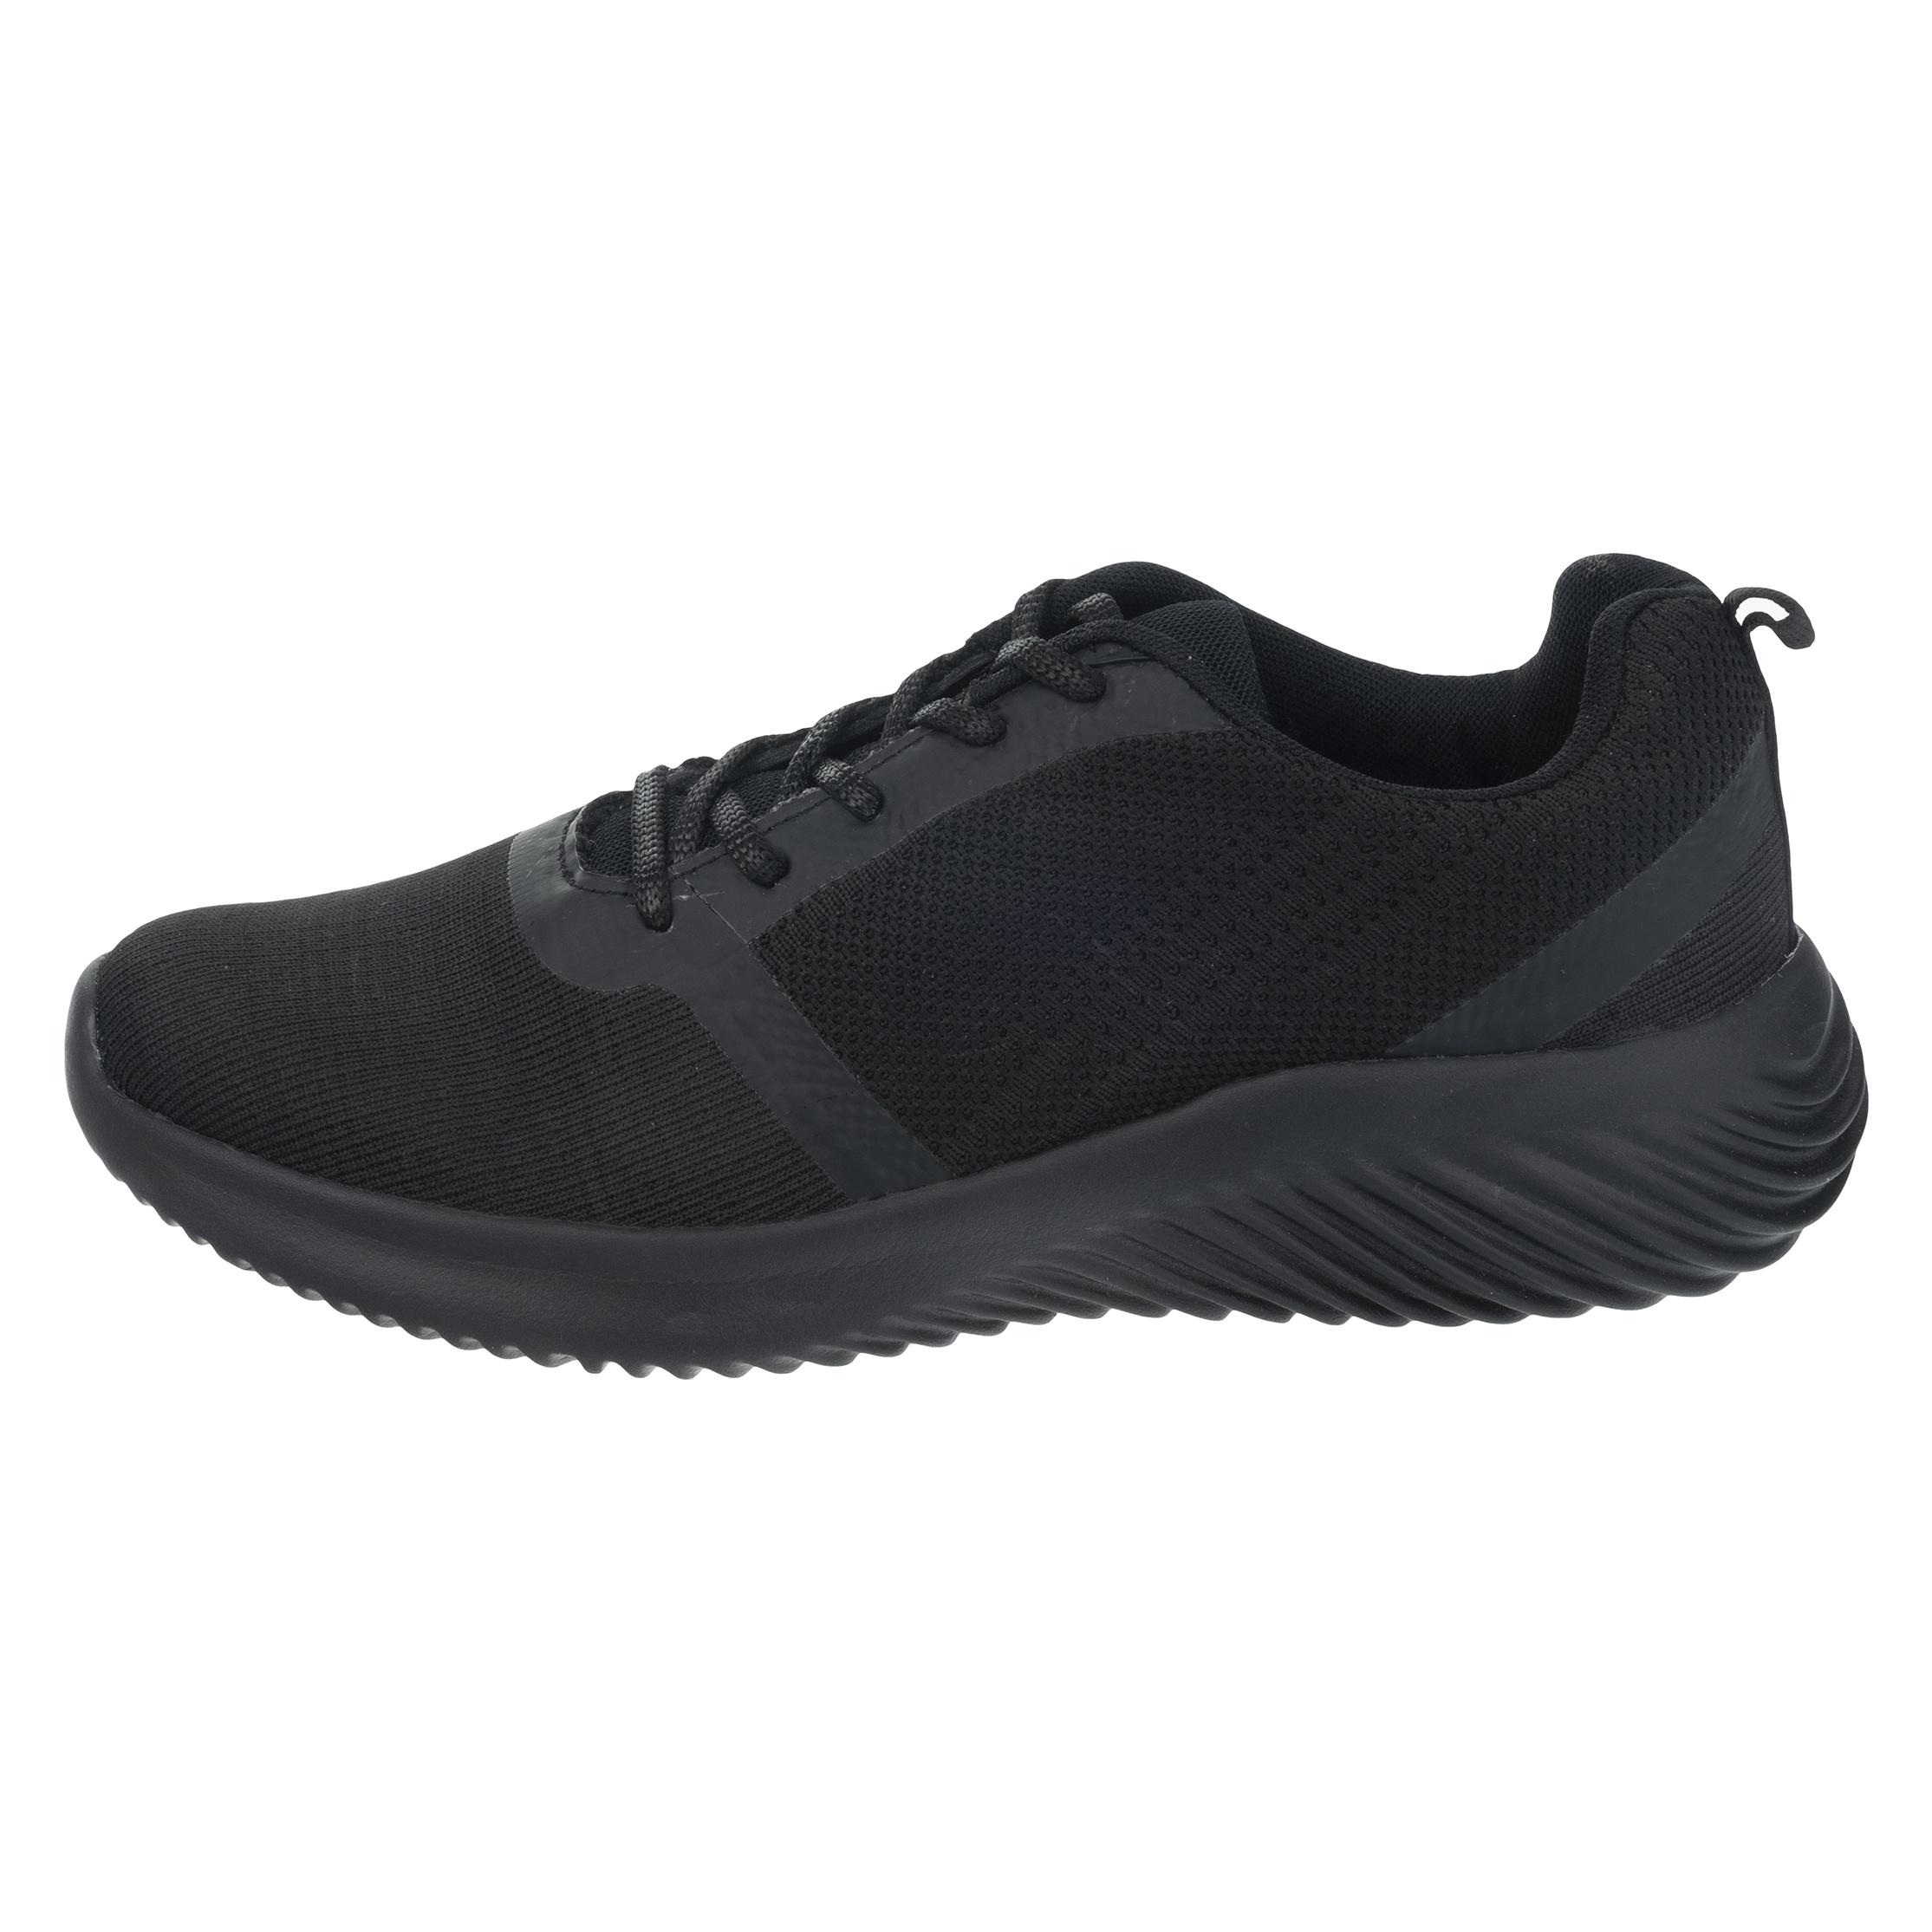 کفش ورزشی زنانه بی فور ران مدل 981122-99